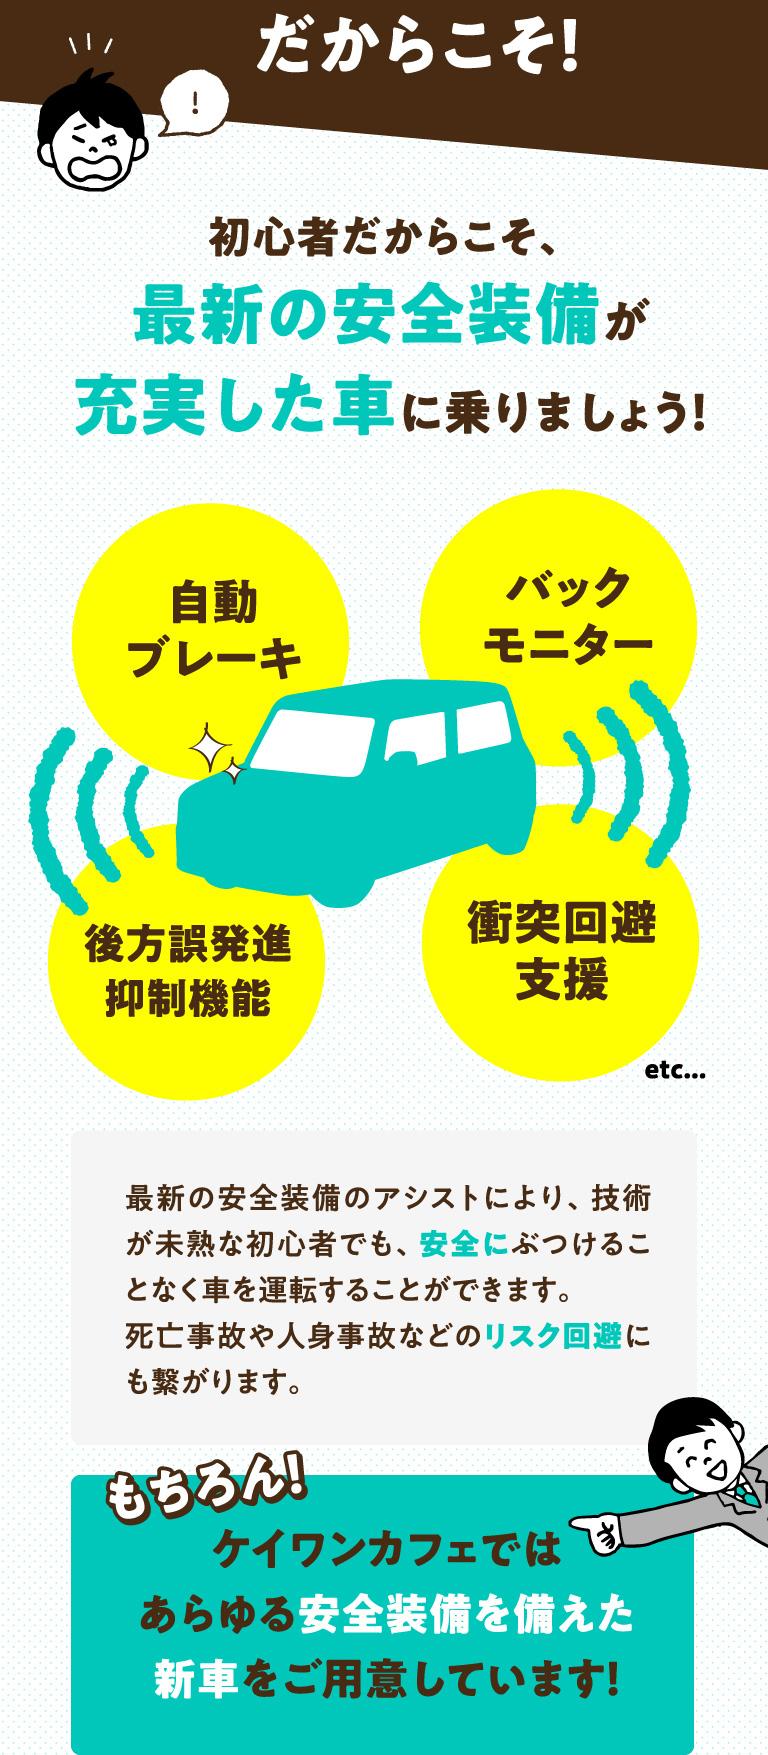 最新の安全装備が充実した車に乗りましょう